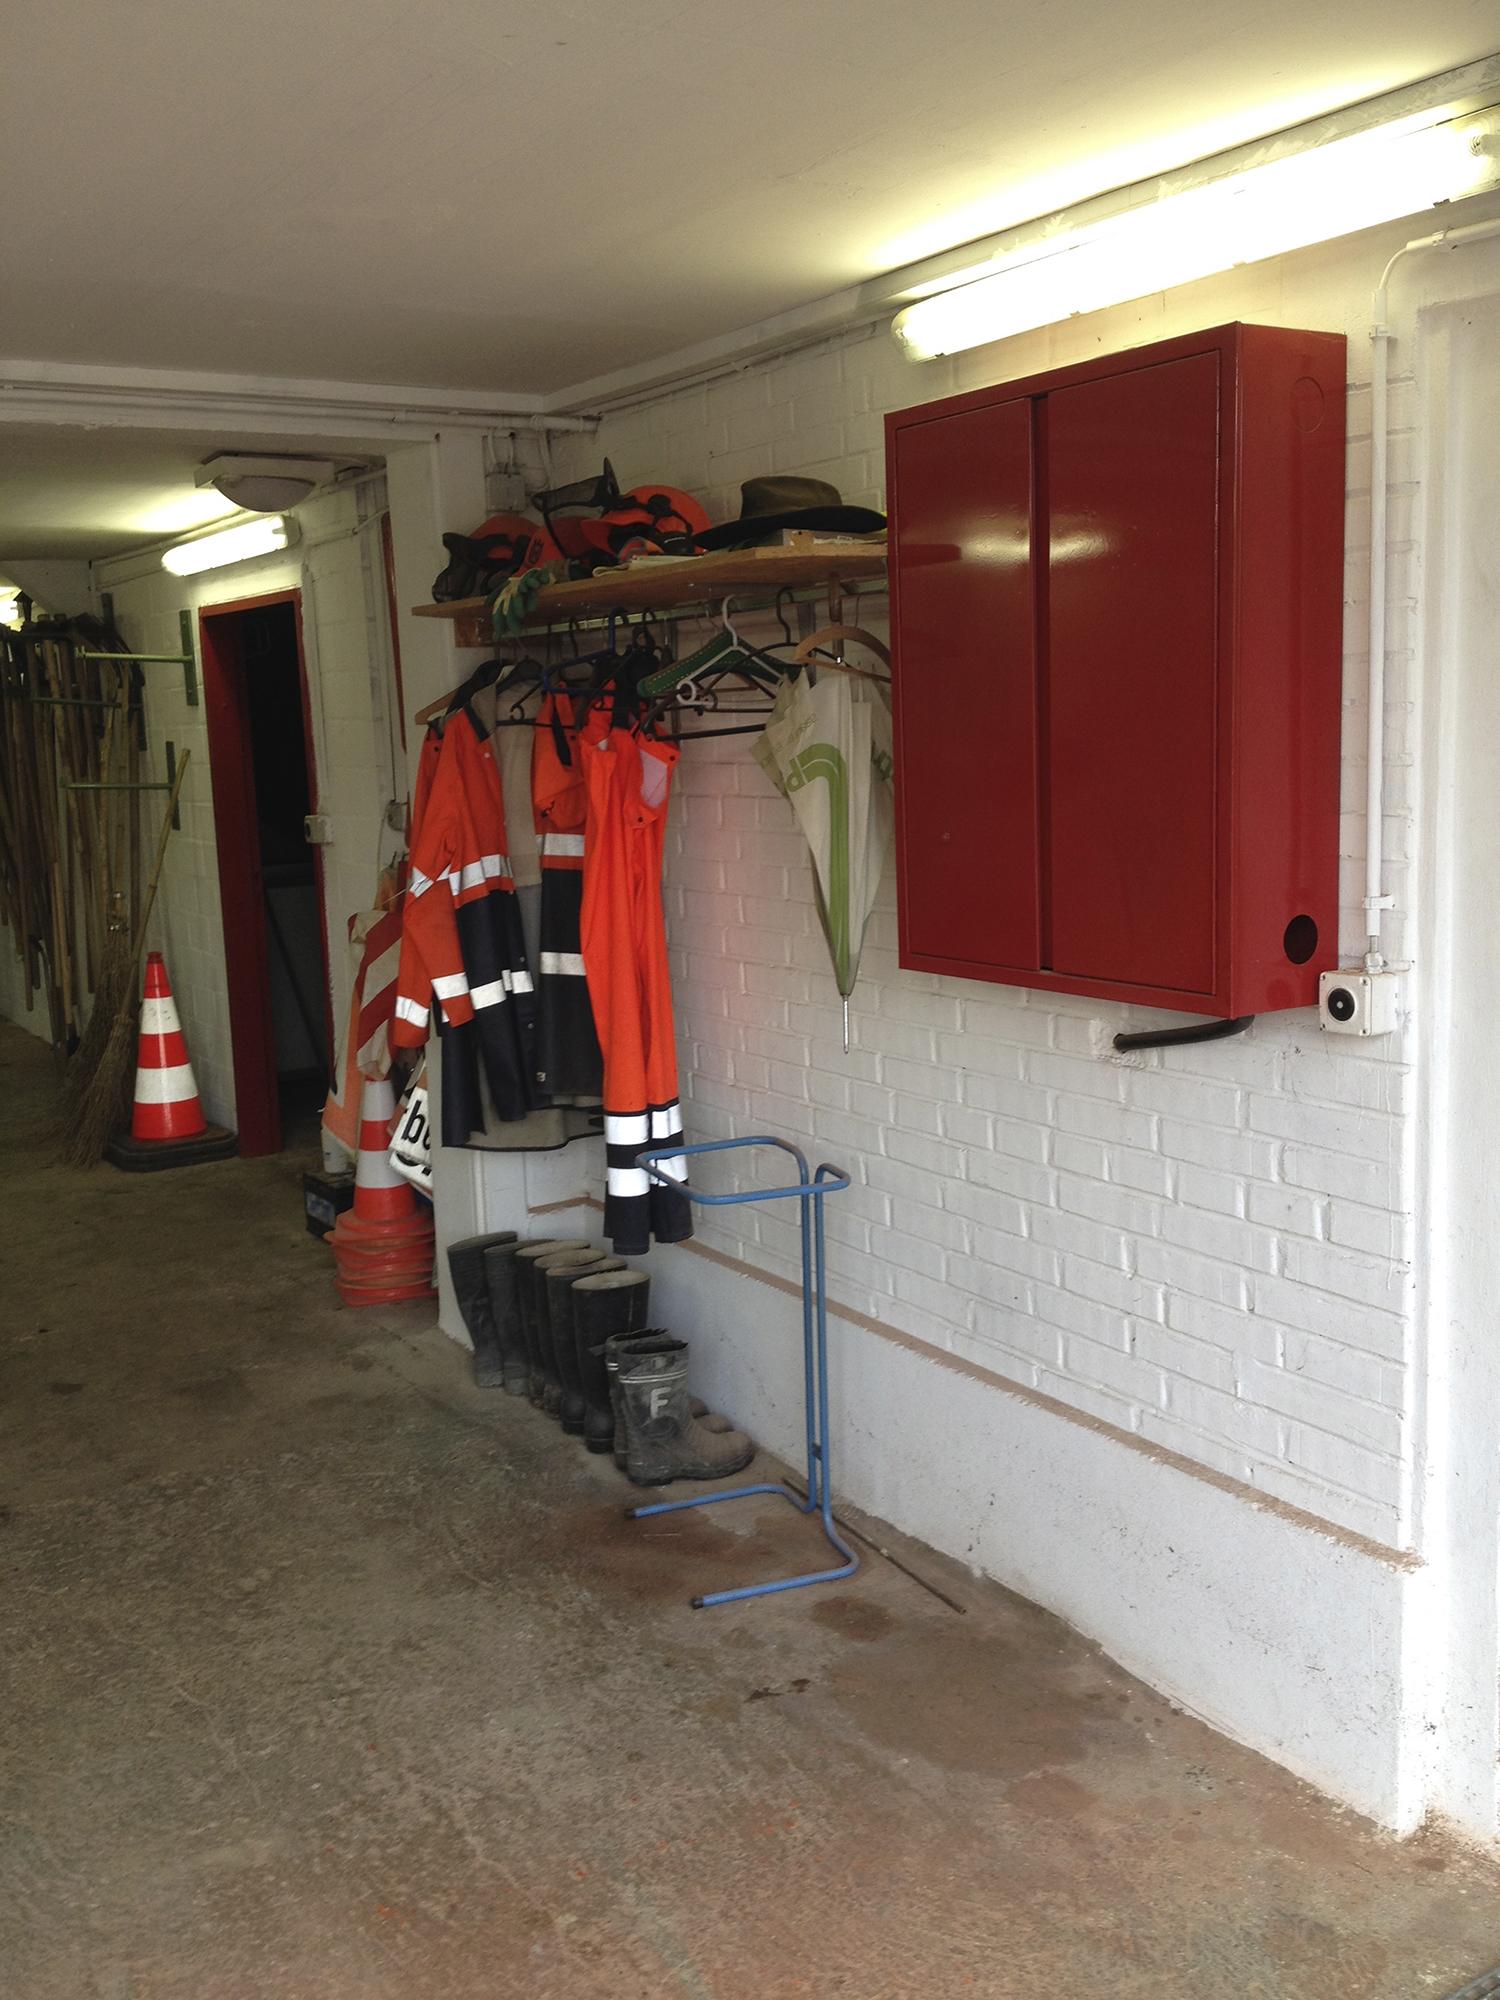 Der Lagerraum ist Dreh und Angelpunkt – hier versammeln sich die Sozialhilfebezüger jeden Morgen.